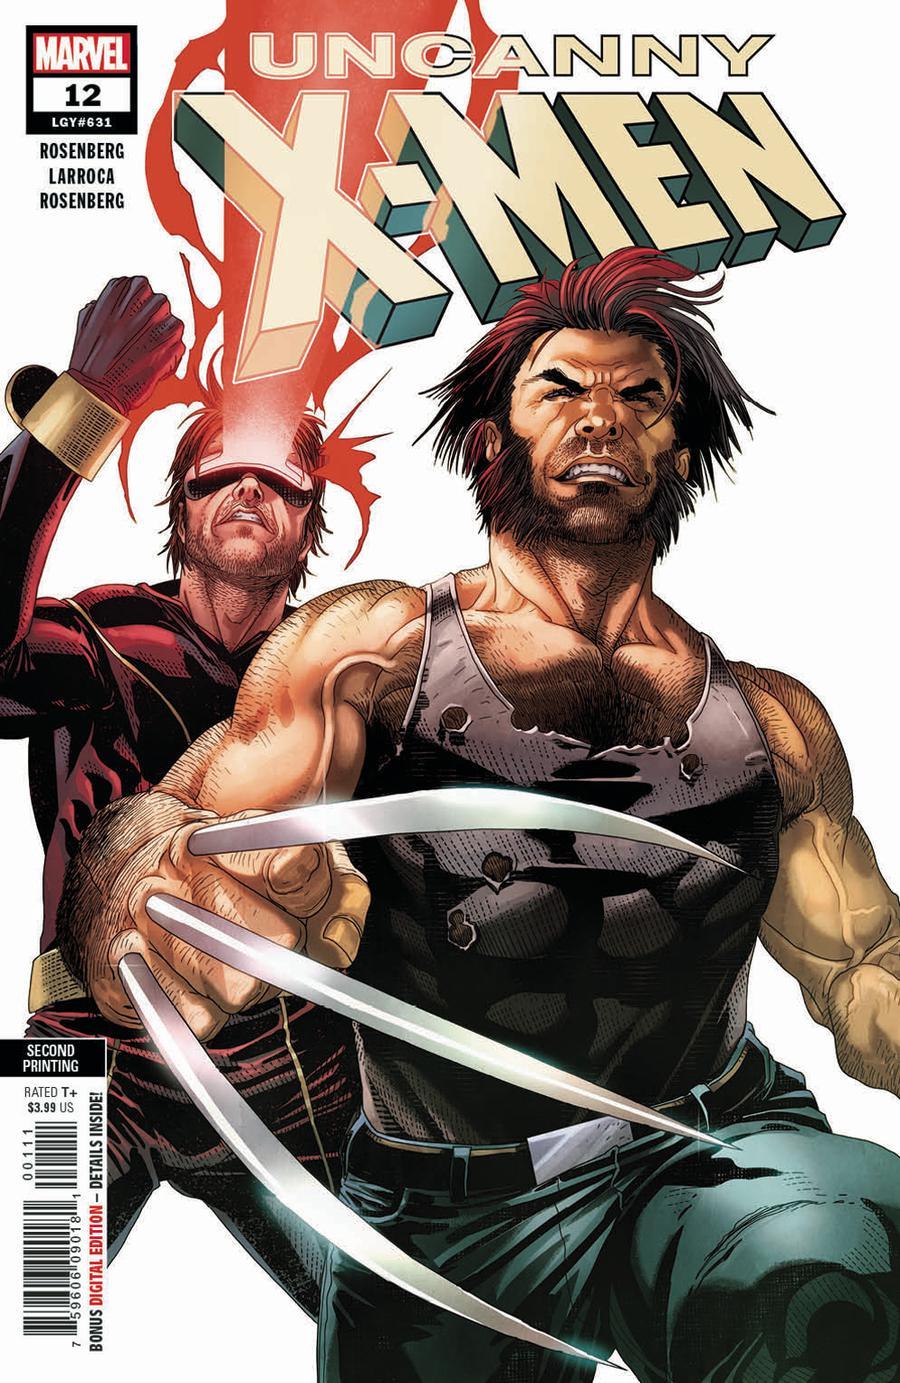 Uncanny X-Men Vol 5 #12 Cover C 2nd Ptg Variant Salvador Larroca Cover